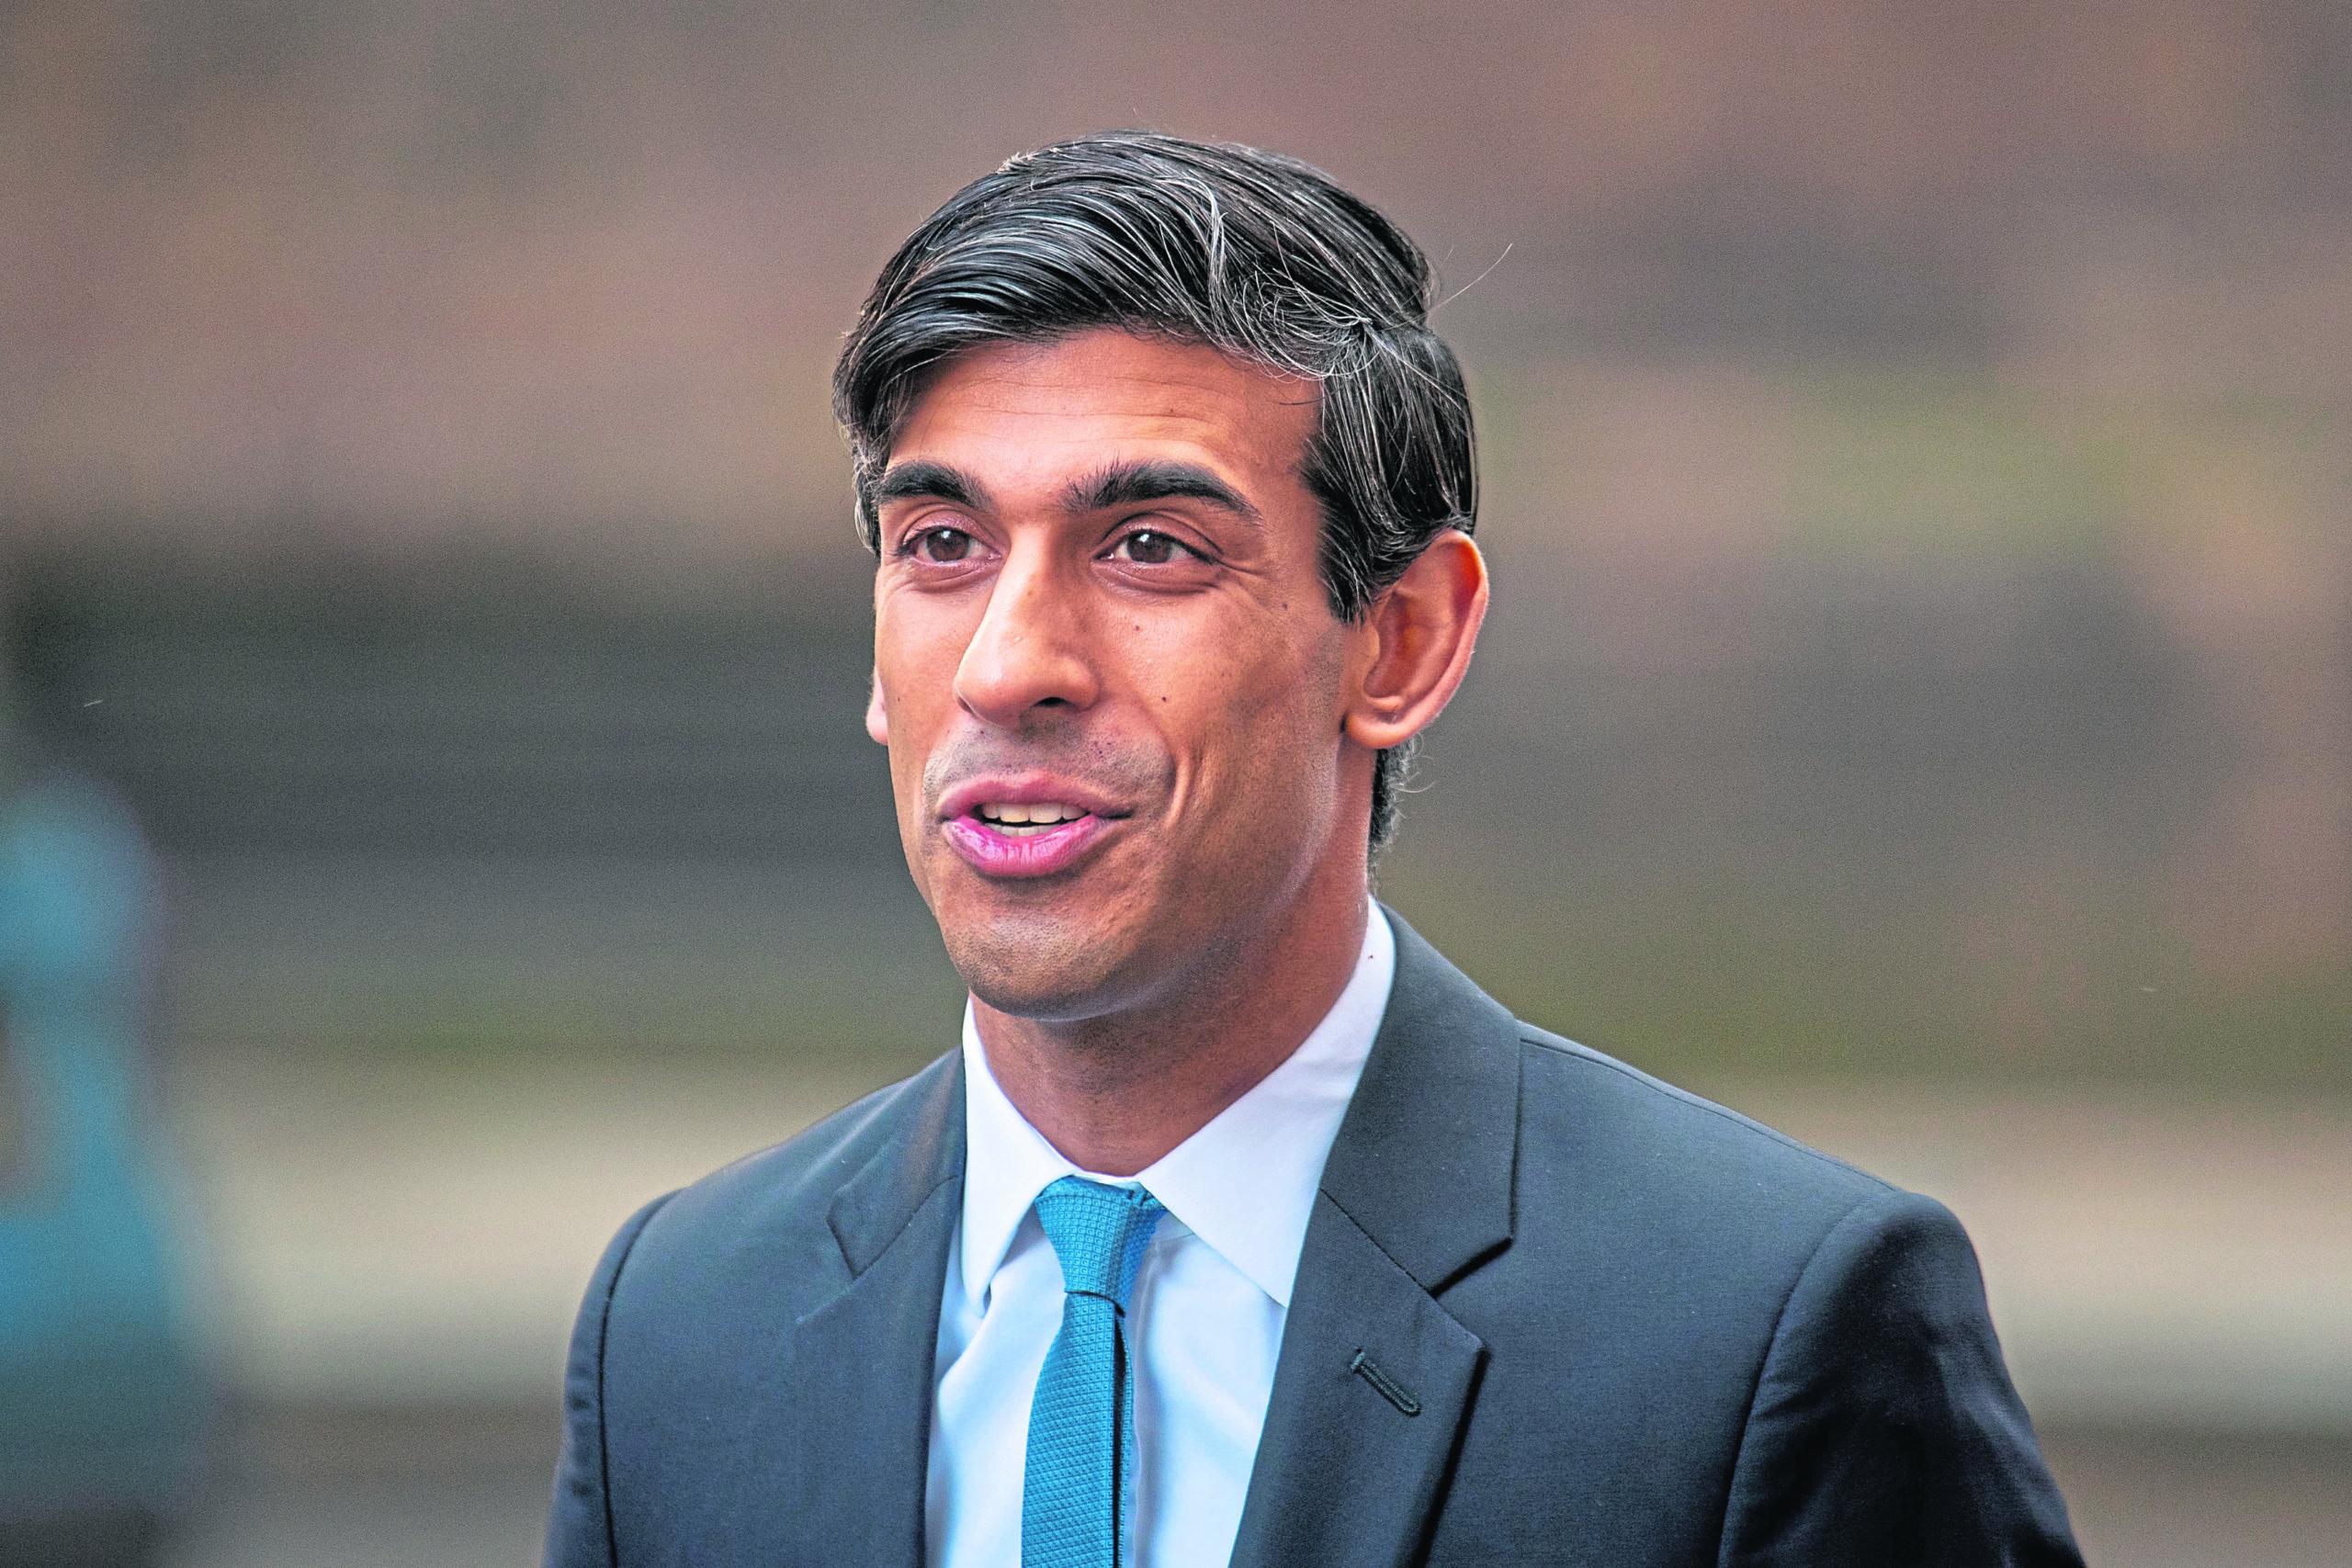 Chancellor Rishi Sunak. Dominic Lipinski/PA Wire